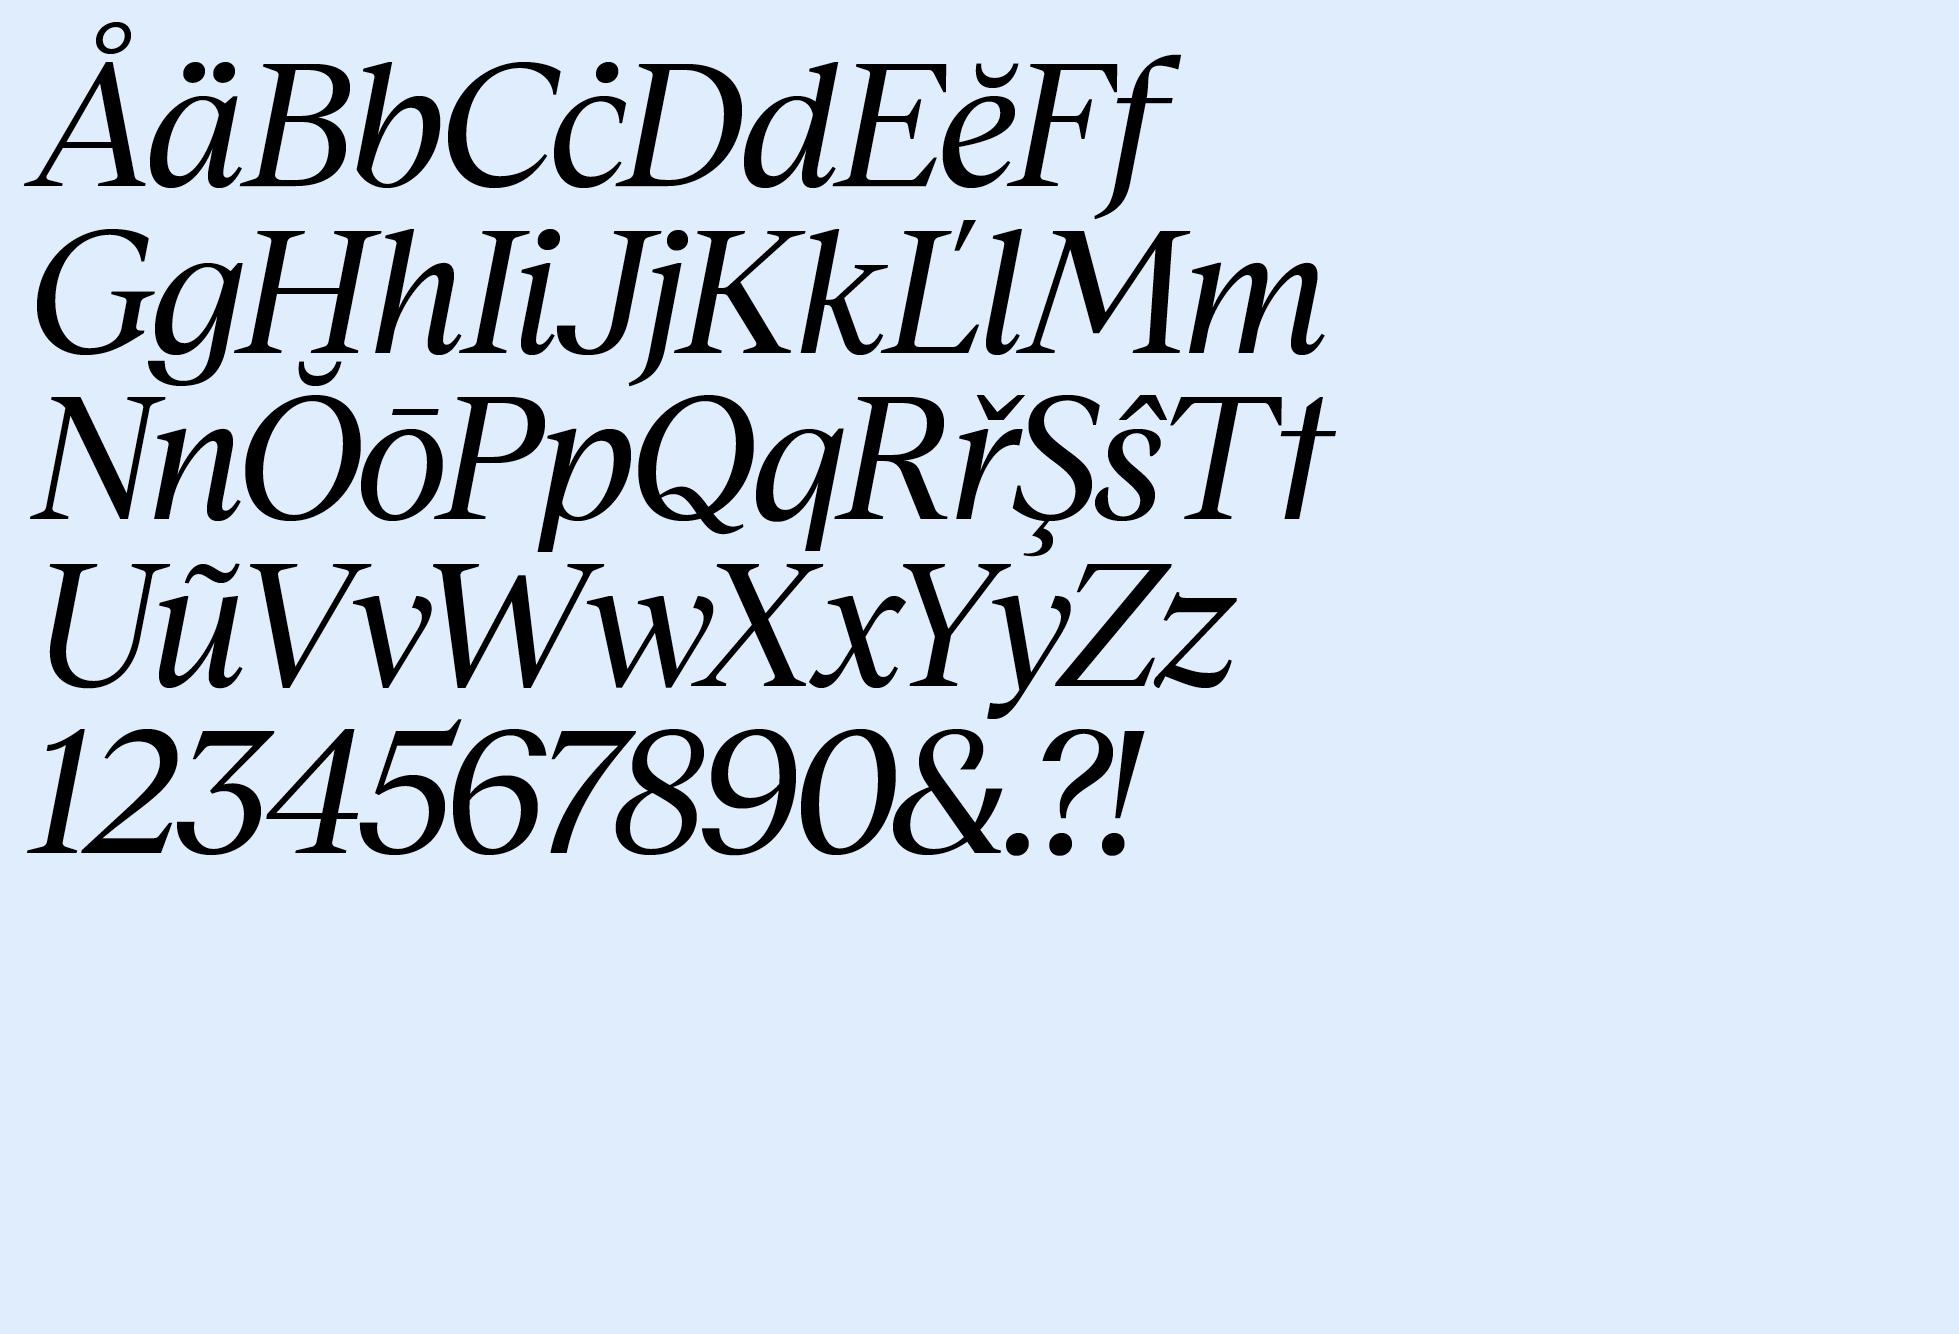 Museet Serif Regular Italic (Basic Latin)